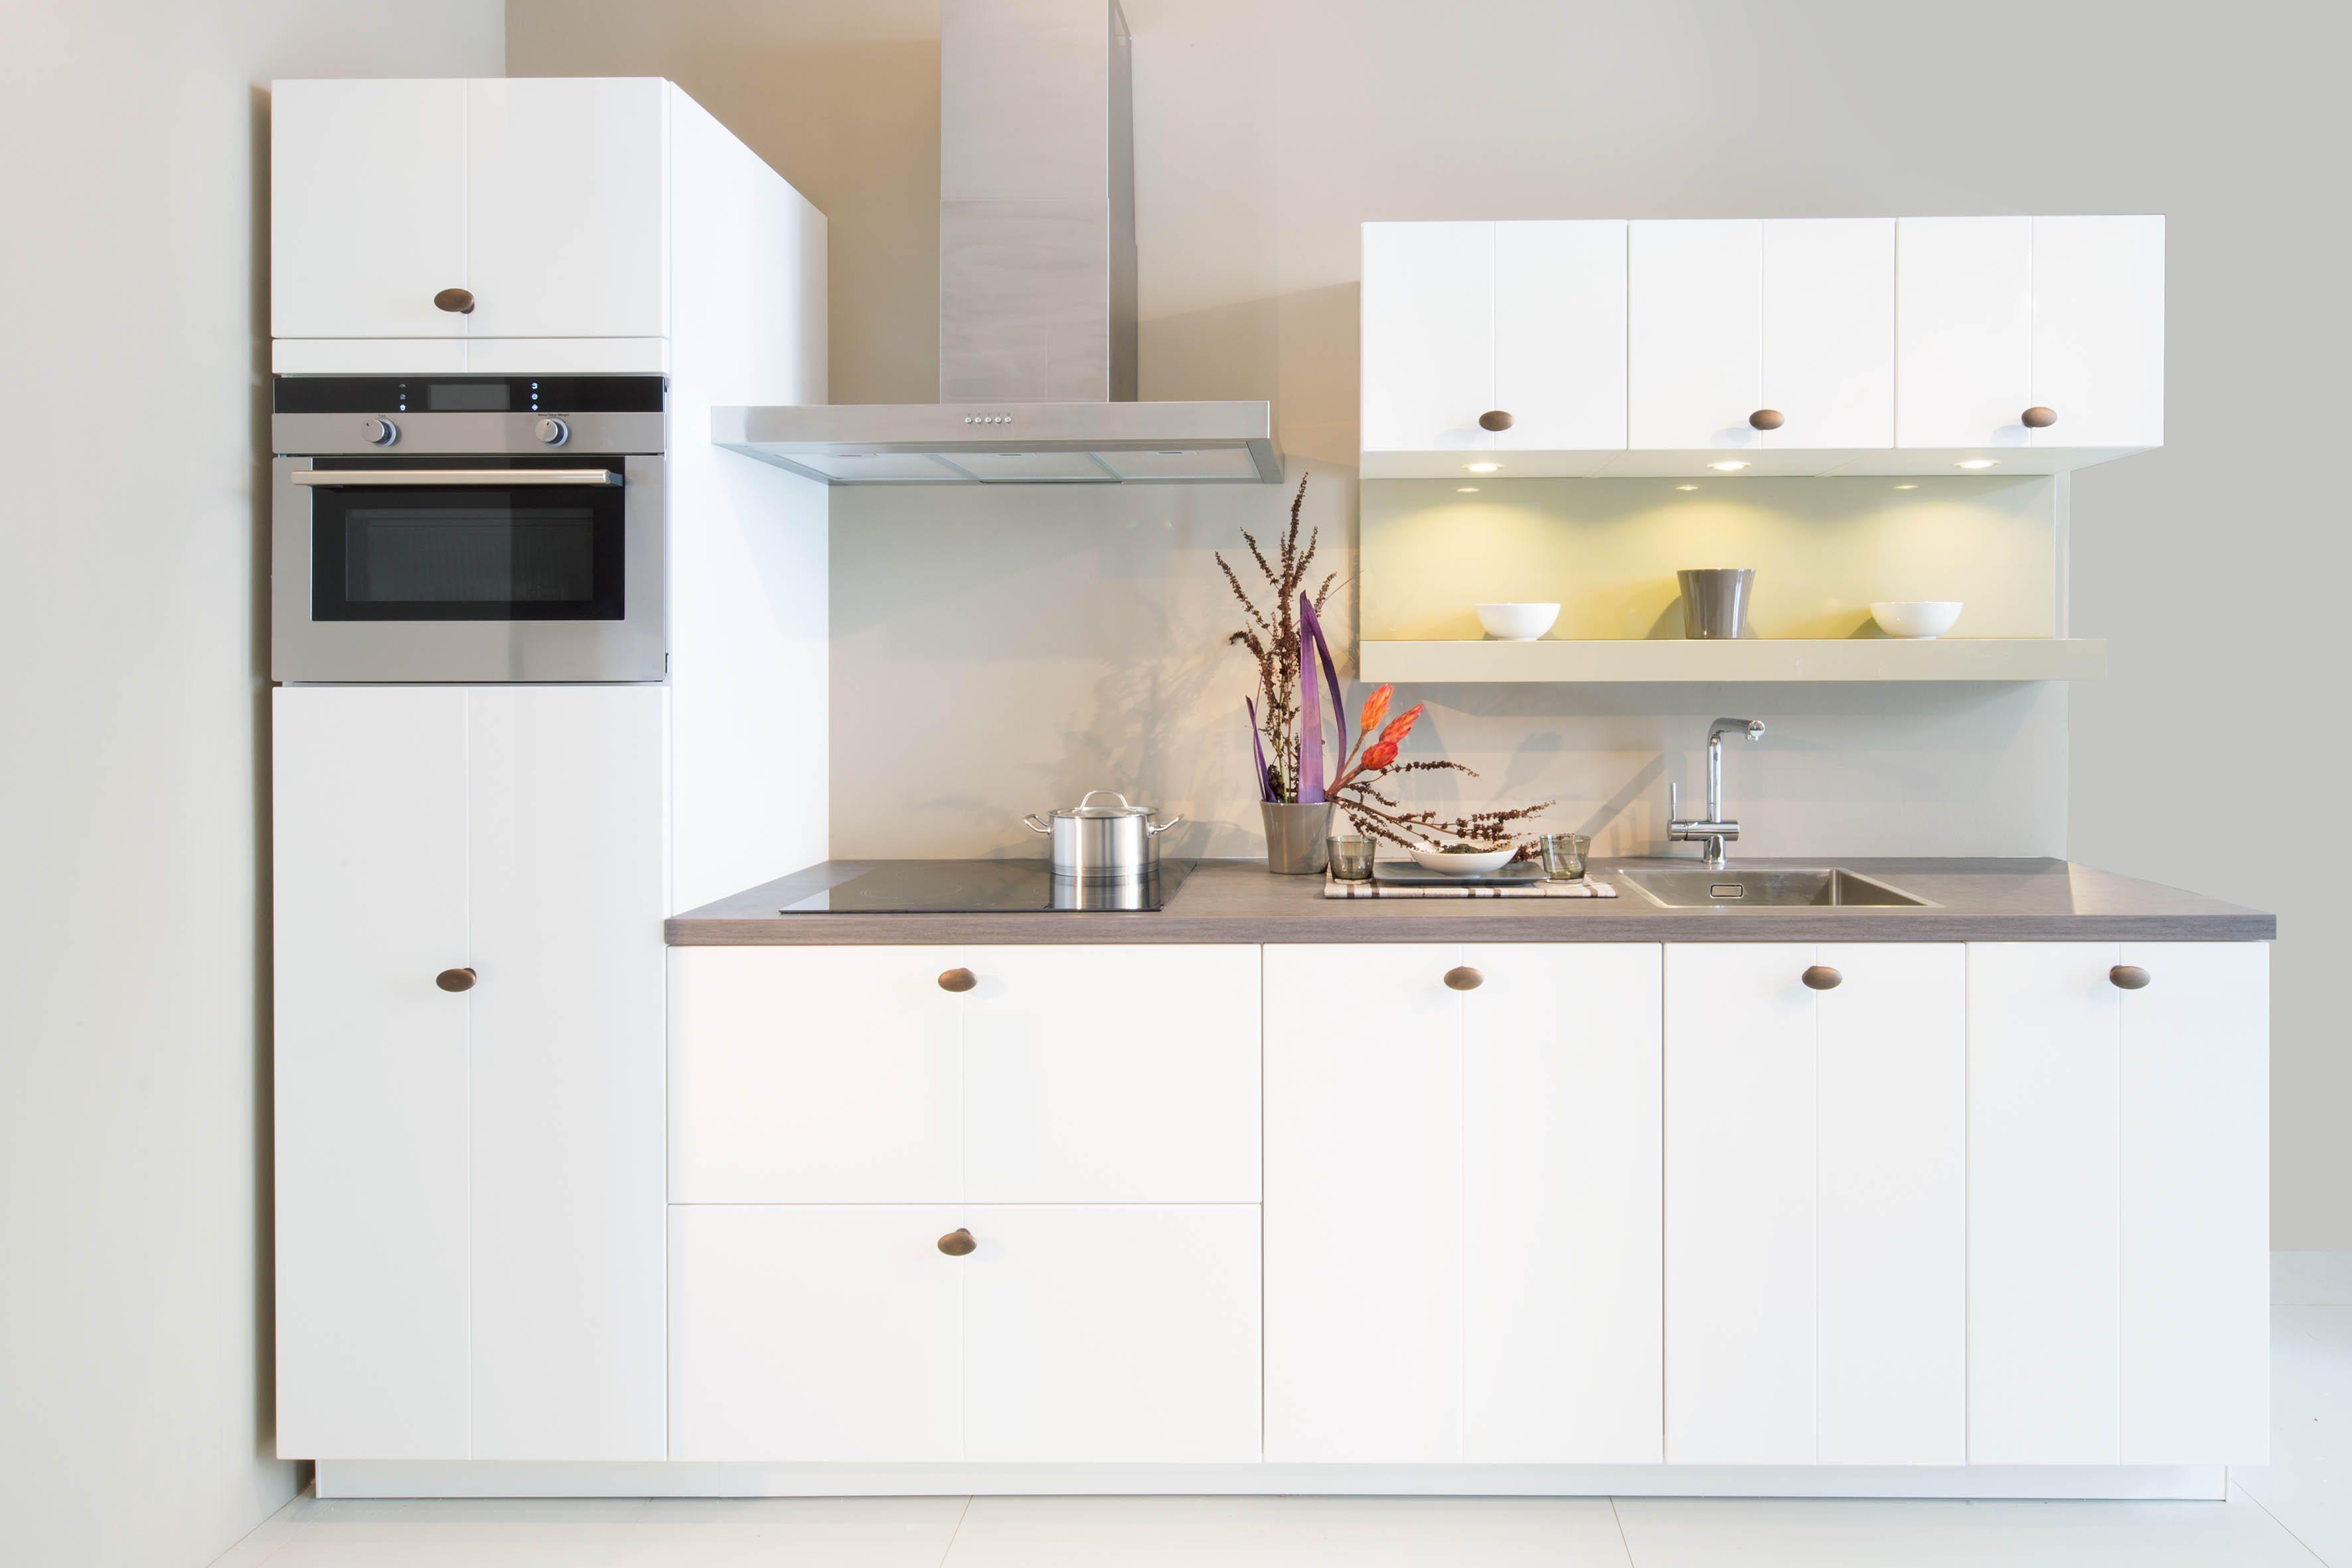 Kleine keuken inspiratie google zoeken keuken pinterest keukens keuken en kleine keuken - Kleine keuken ...